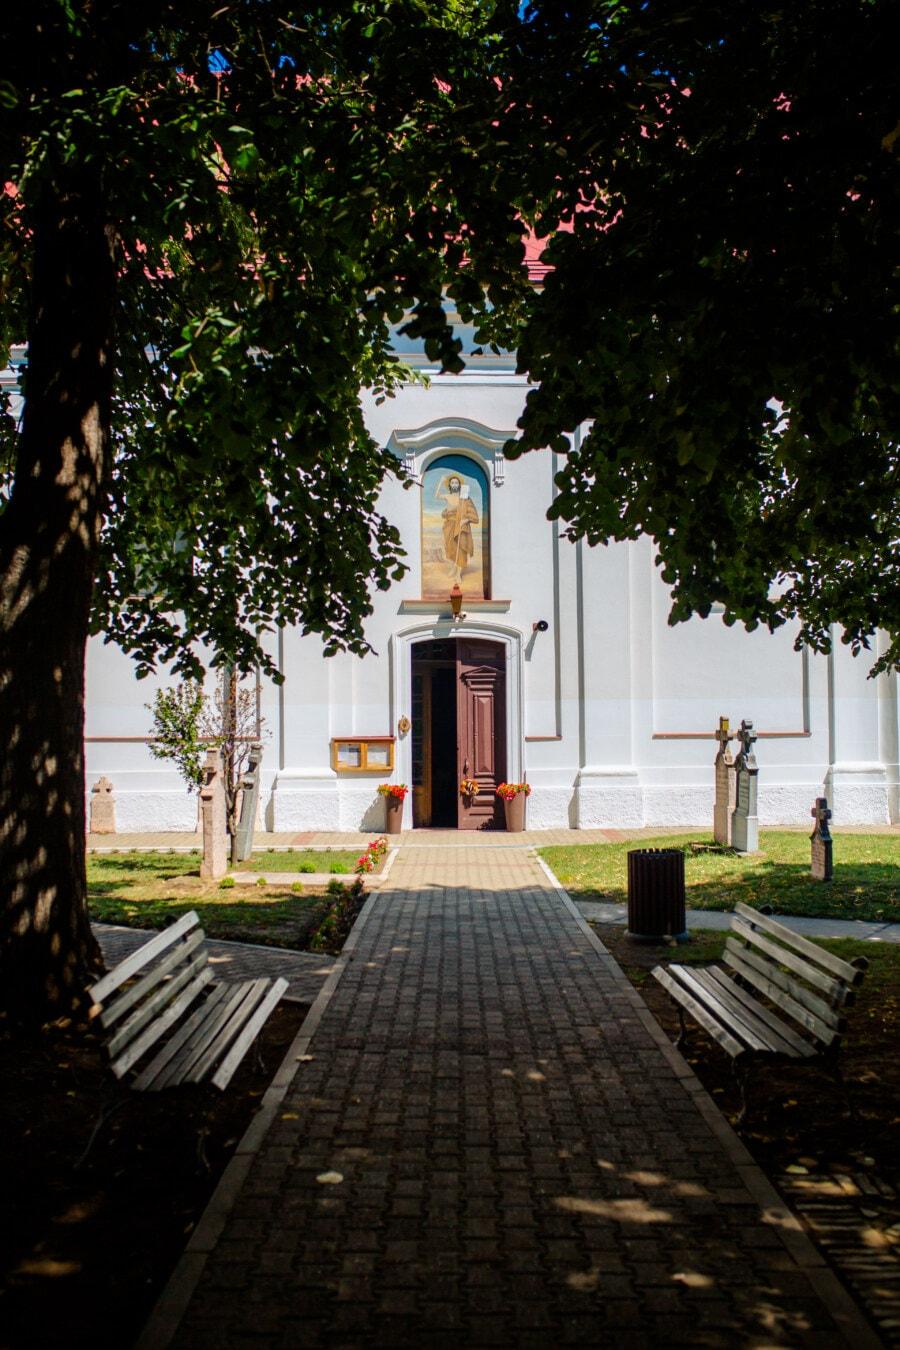 cimetière, tombe, Pierre tombale, jardin, église, architecture, arbre, parc, lumière, religion